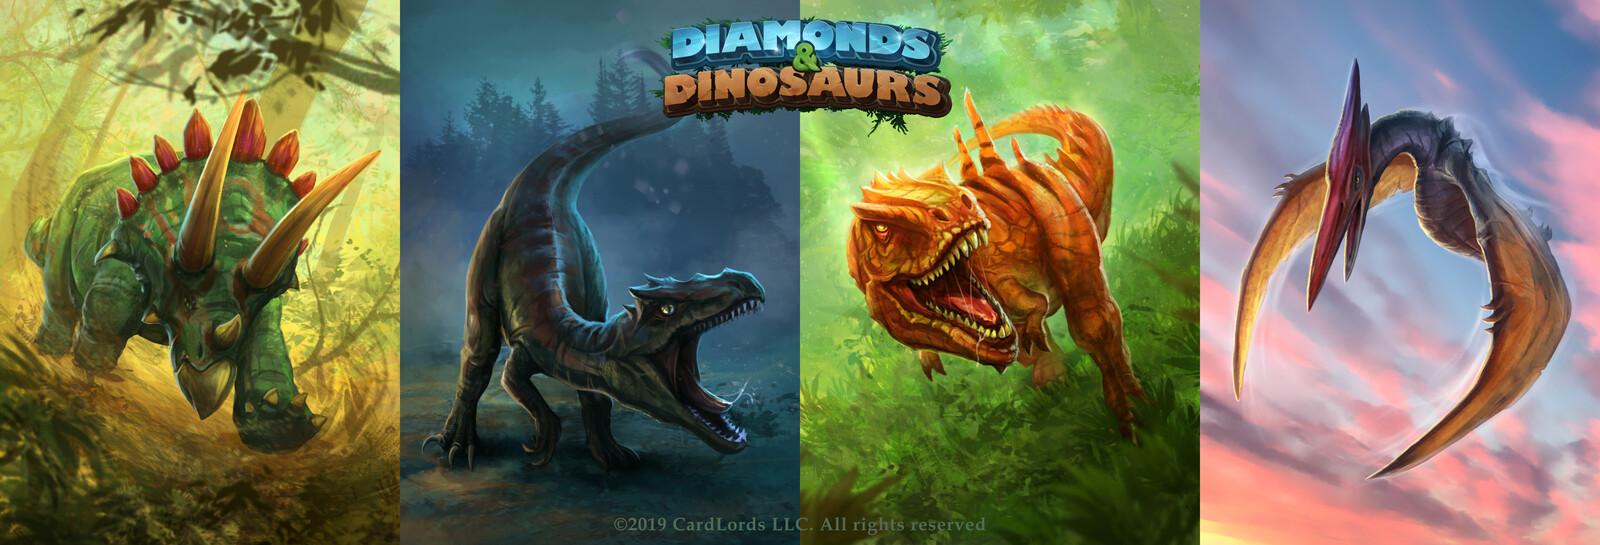 Artworks for Diamonds & Dinosaurs.